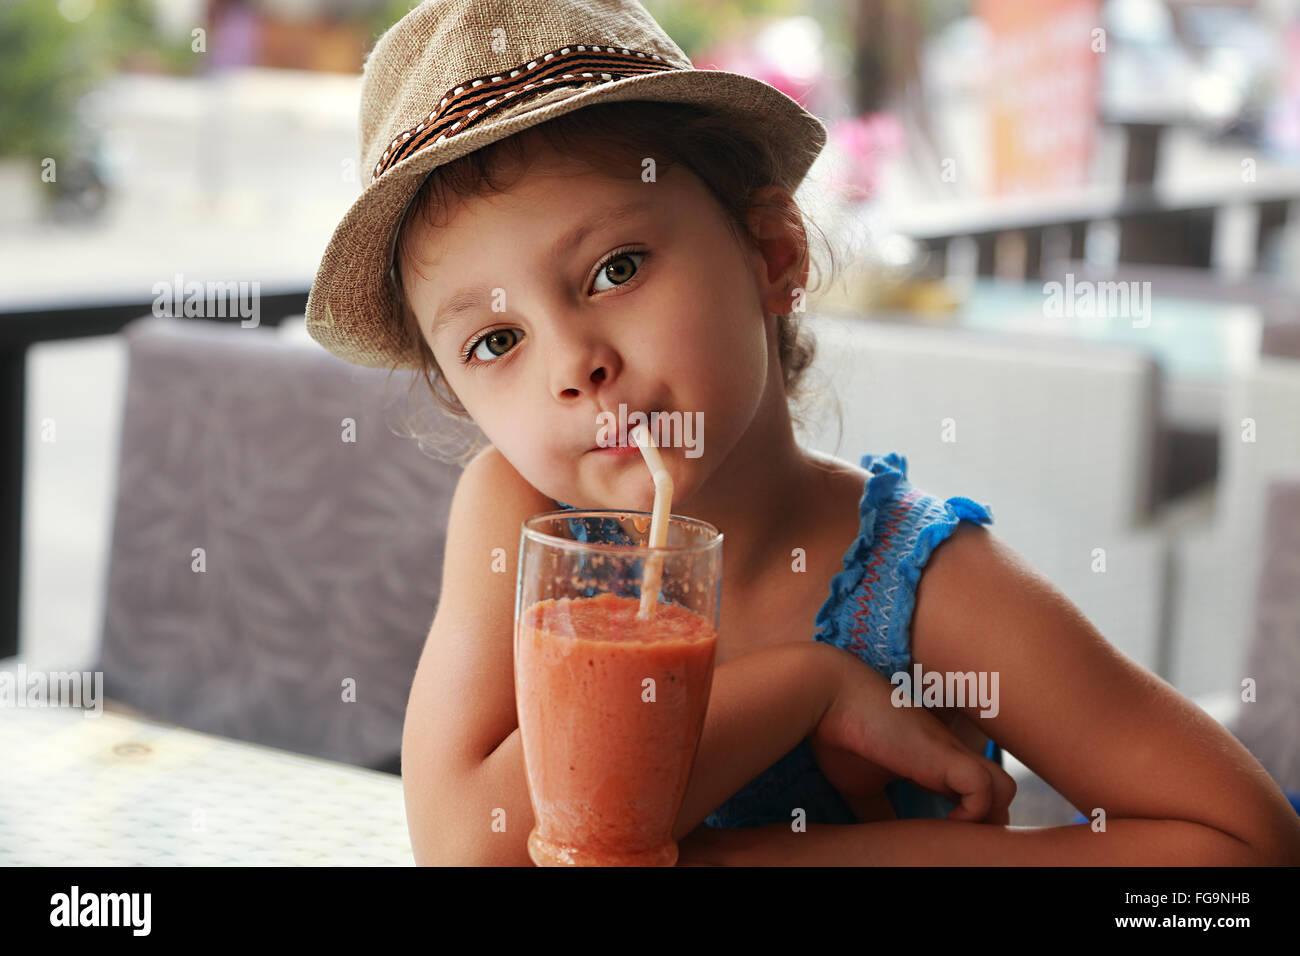 Fun cute kid niña saludable beber jugo de batido en el restaurante de la calle. Closeup retrato Imagen De Stock